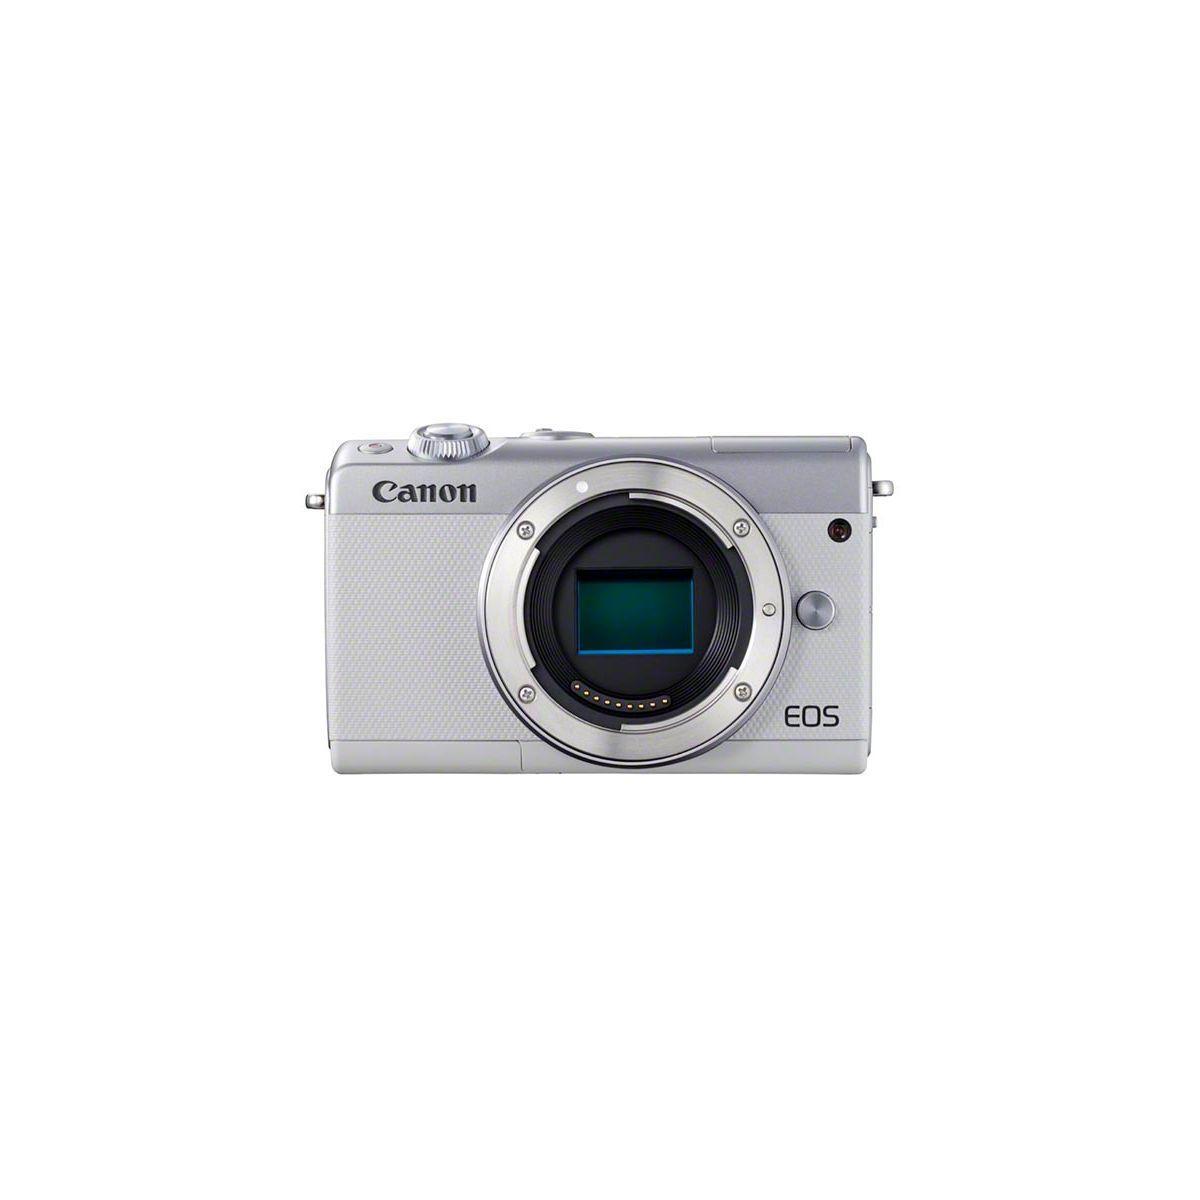 Appareil photo hybride canon eos m100 blanc - 7% de remise imm�diate avec le code : fete7